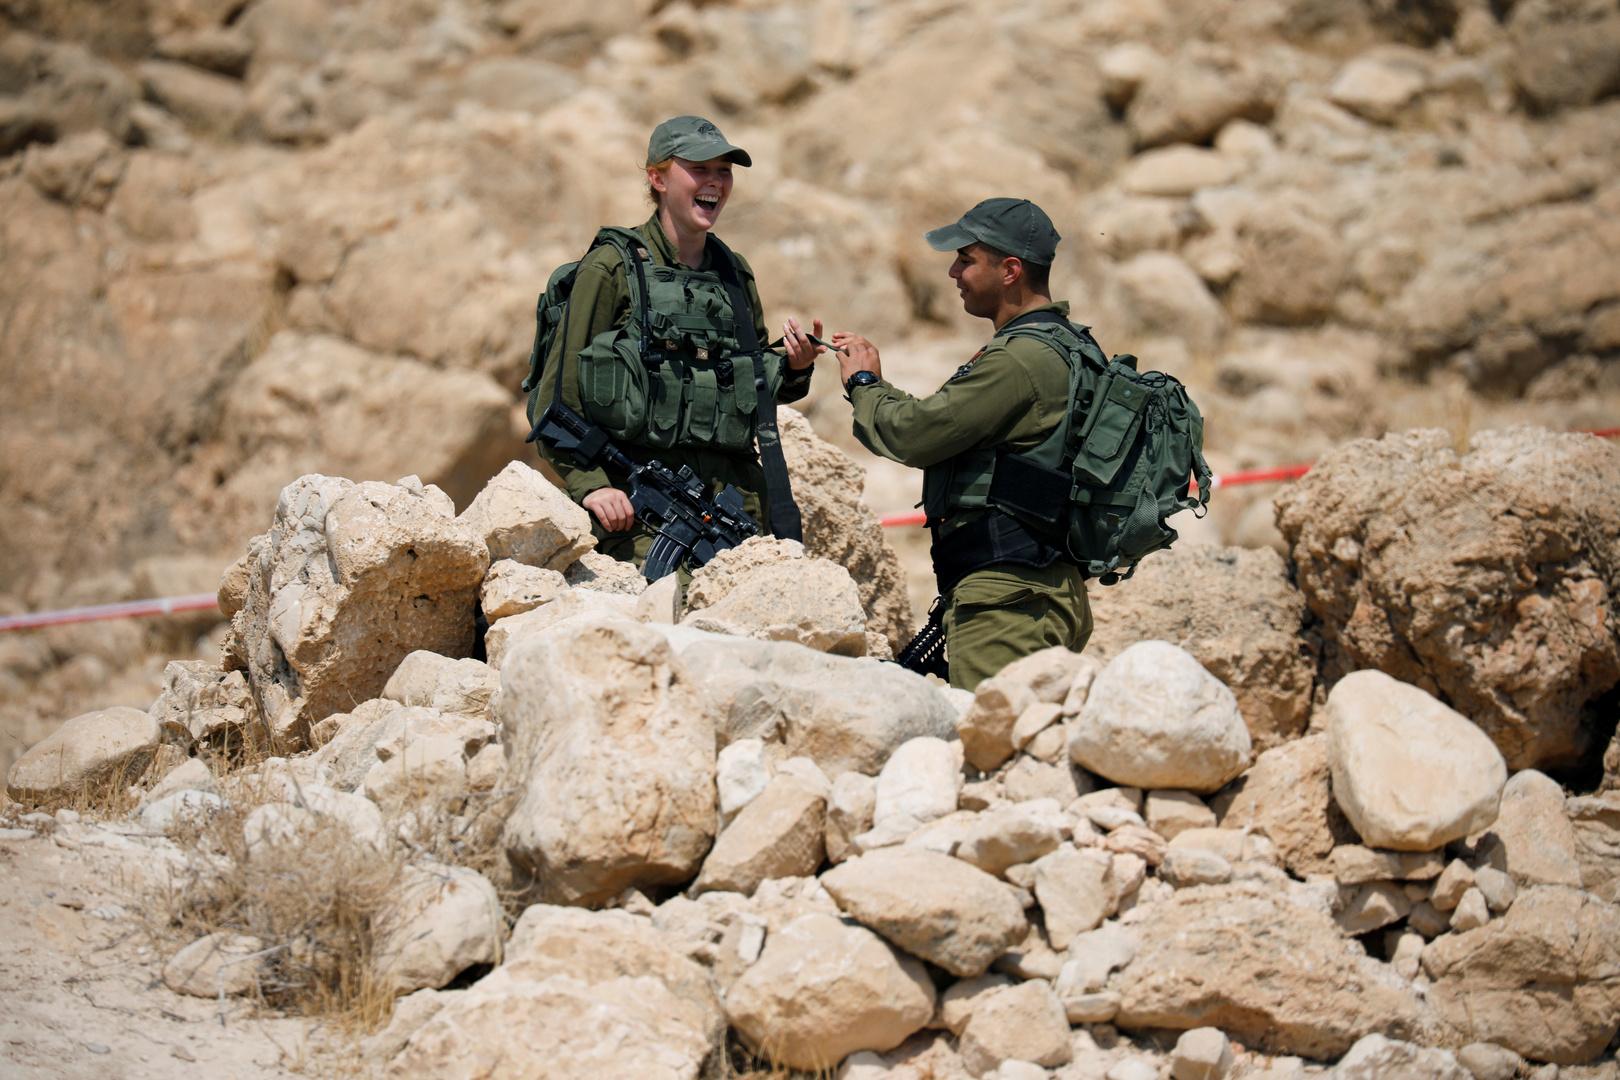 بعد لوكسمبورغ.. دولة أوروبية أخرى تدعو إلى التصدي لخطط إسرائيل ضم غور الأردن